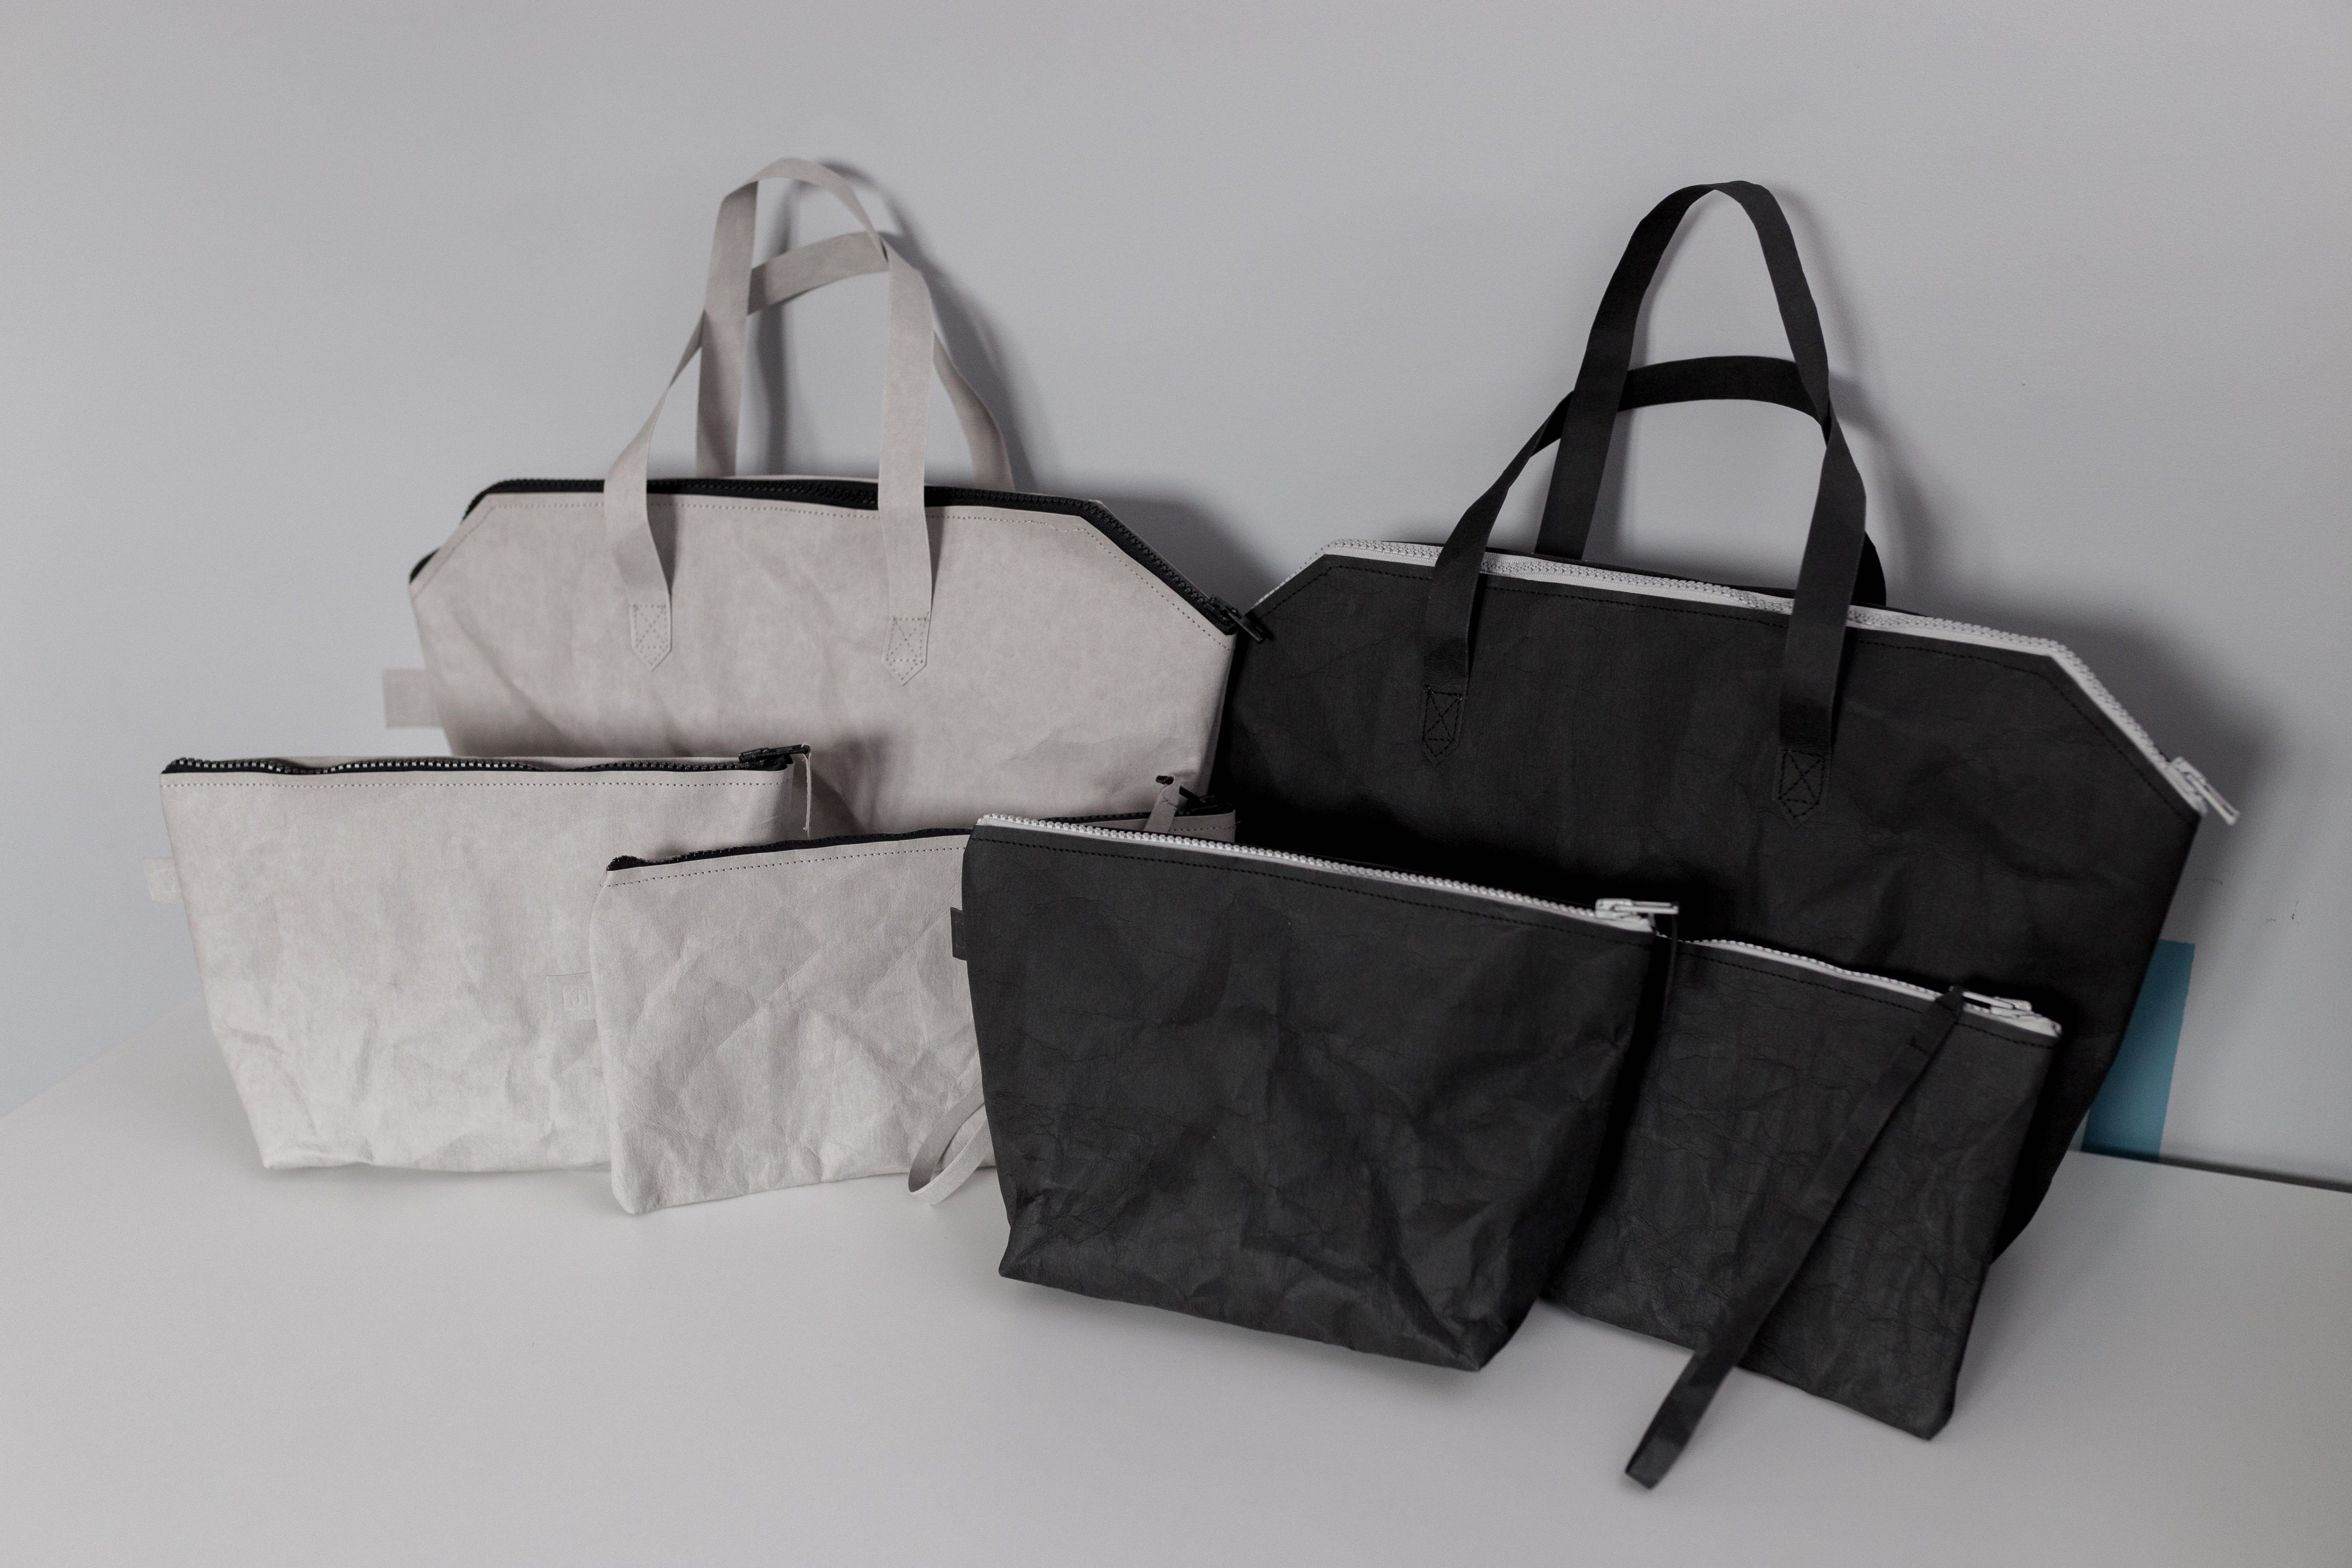 Czarny i szary zestaw 3 toreb